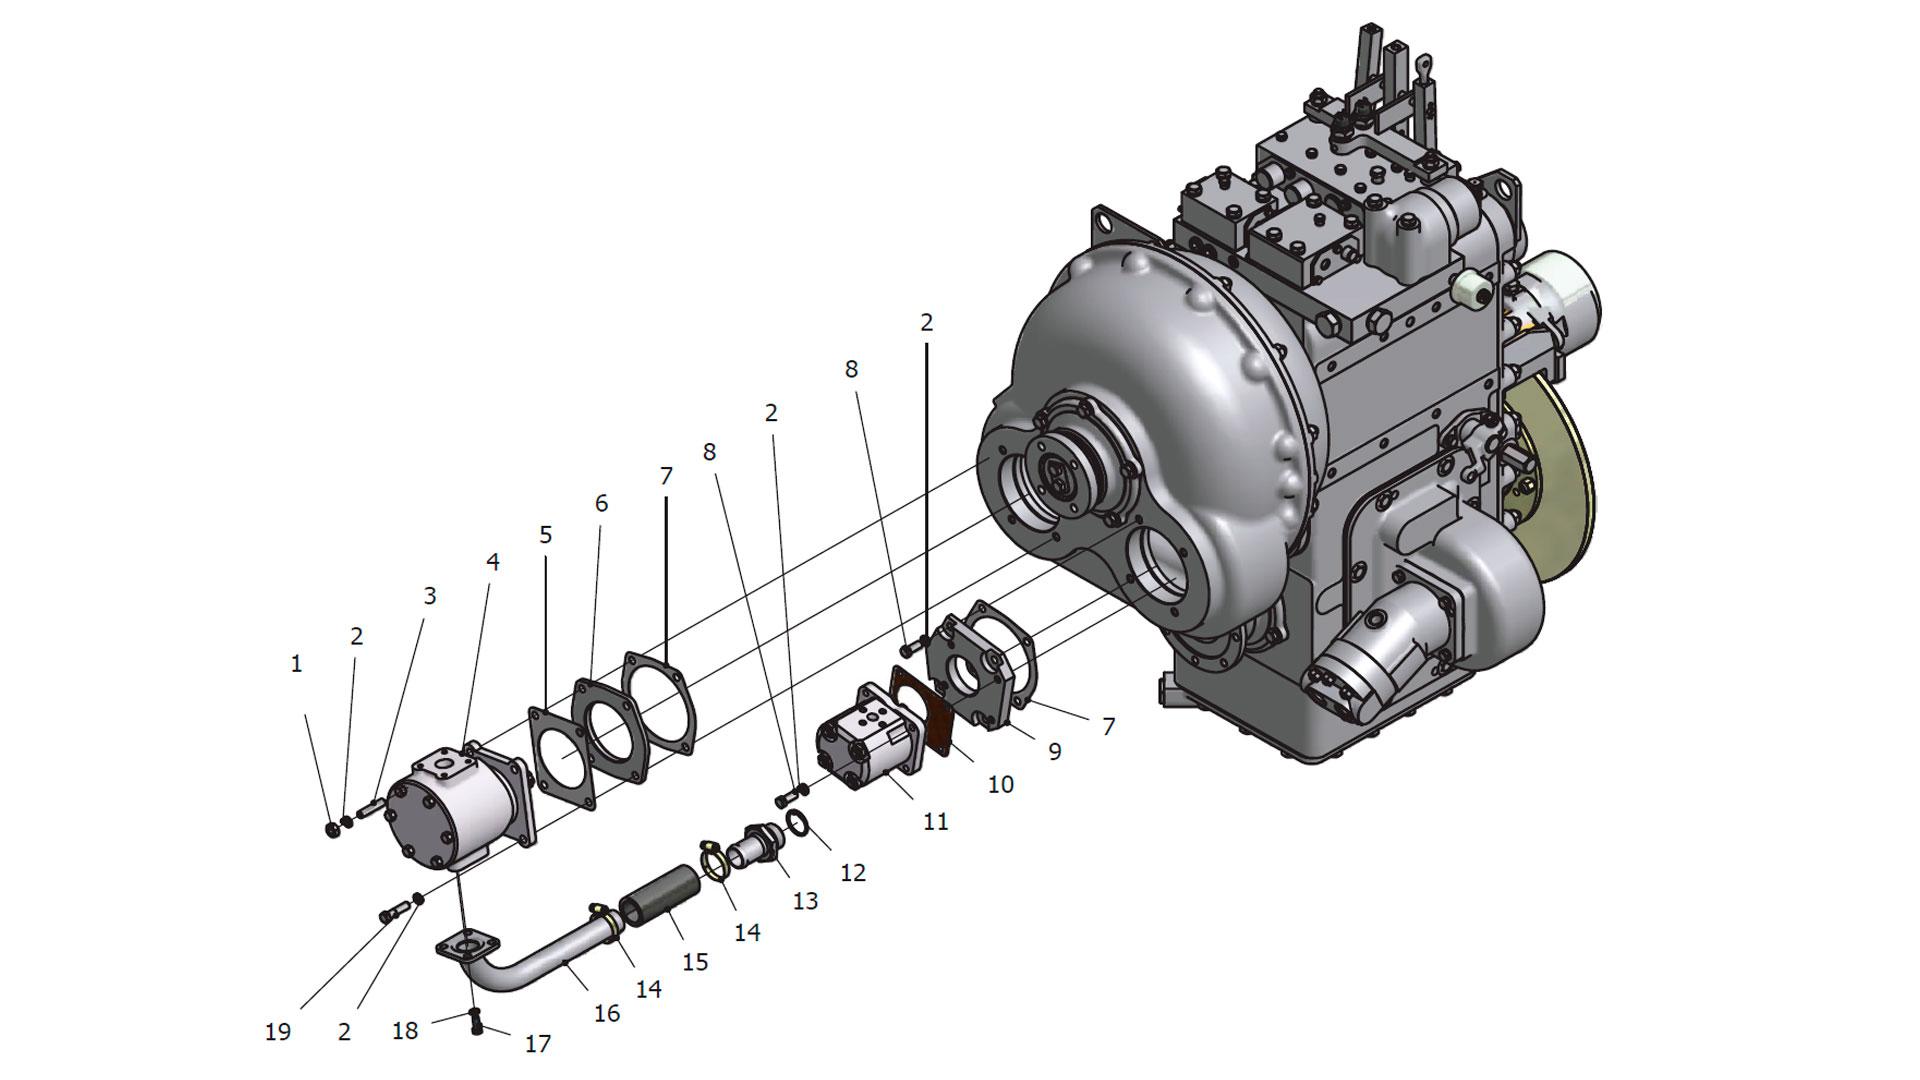 Передача гидромеханическая унифицированная У35.615-00.000-09, У35.615-00.000-14